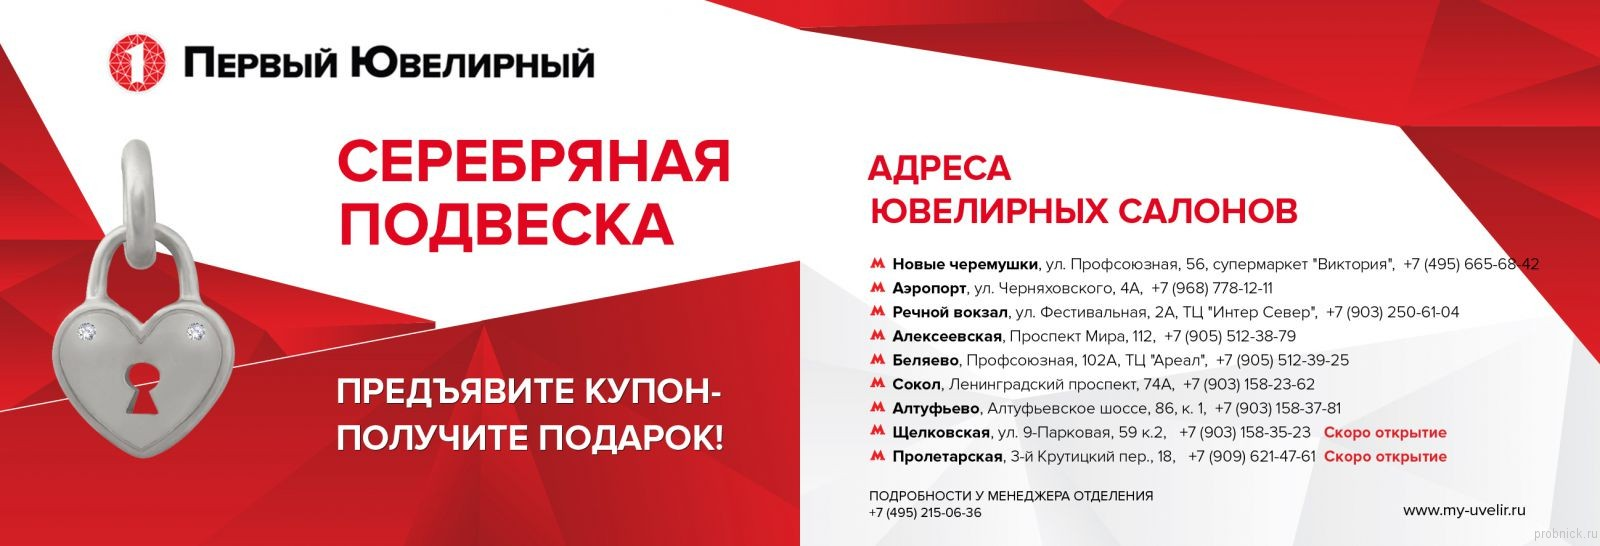 1_yvelirniy_podveska